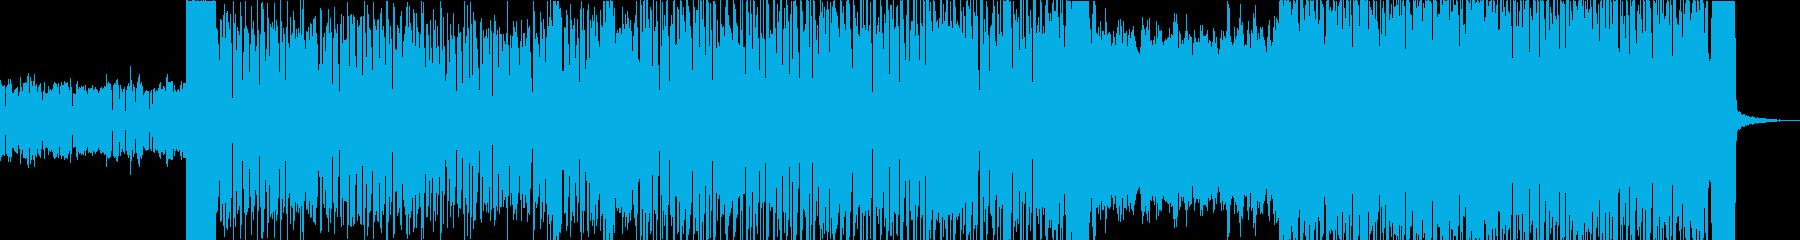 キラキラした雰囲気のエレクトロニカBGMの再生済みの波形